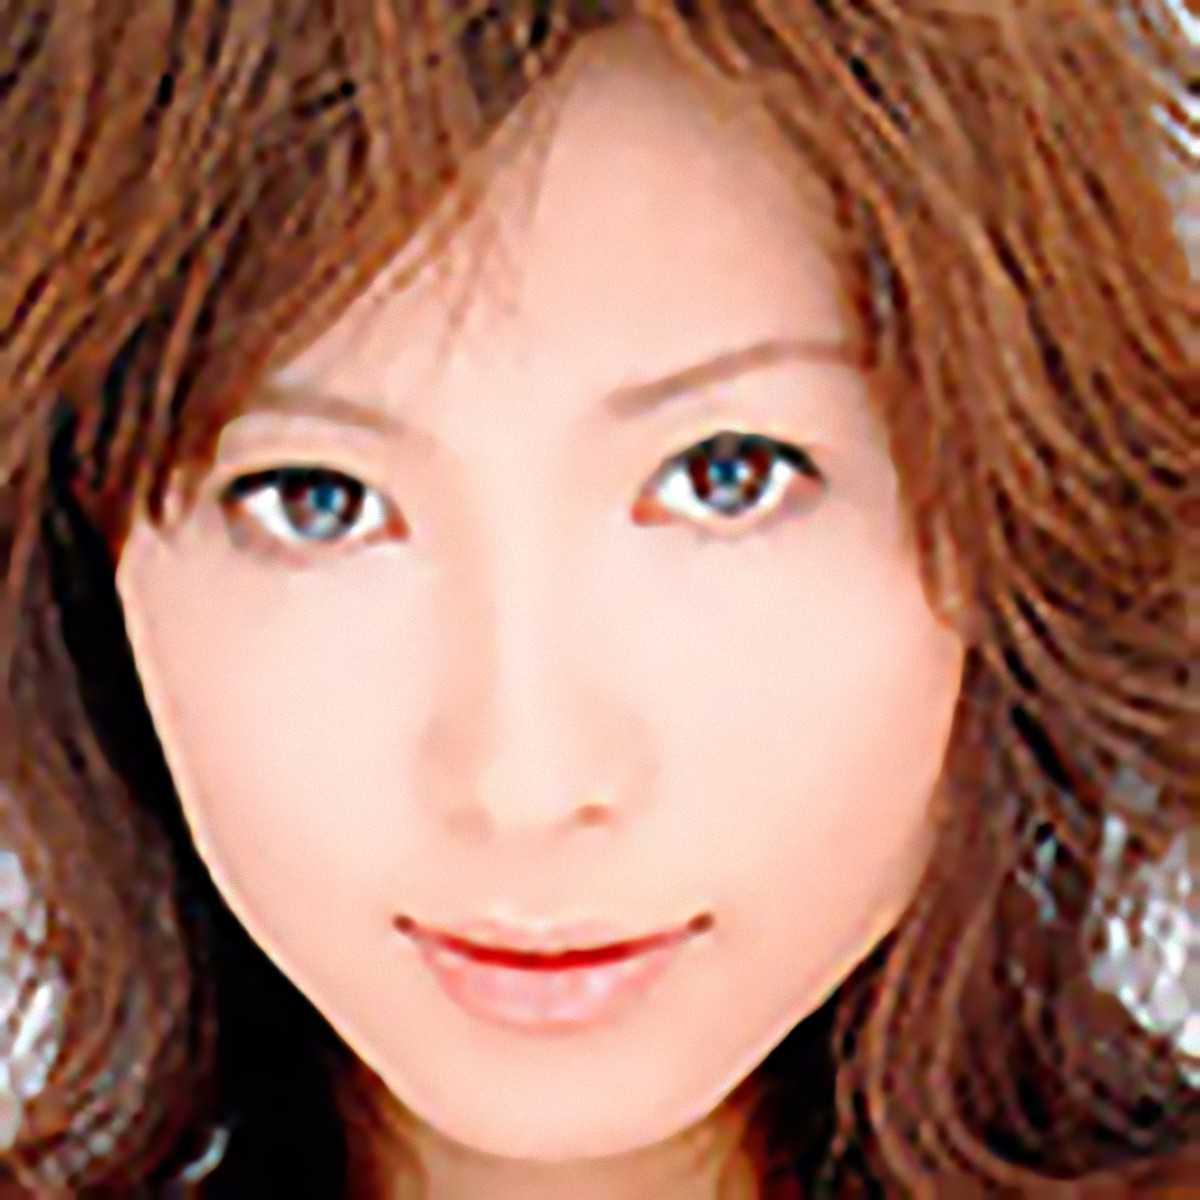 吉原ミィナさんのプロフィールと画像集4ページ目   AV女優画像